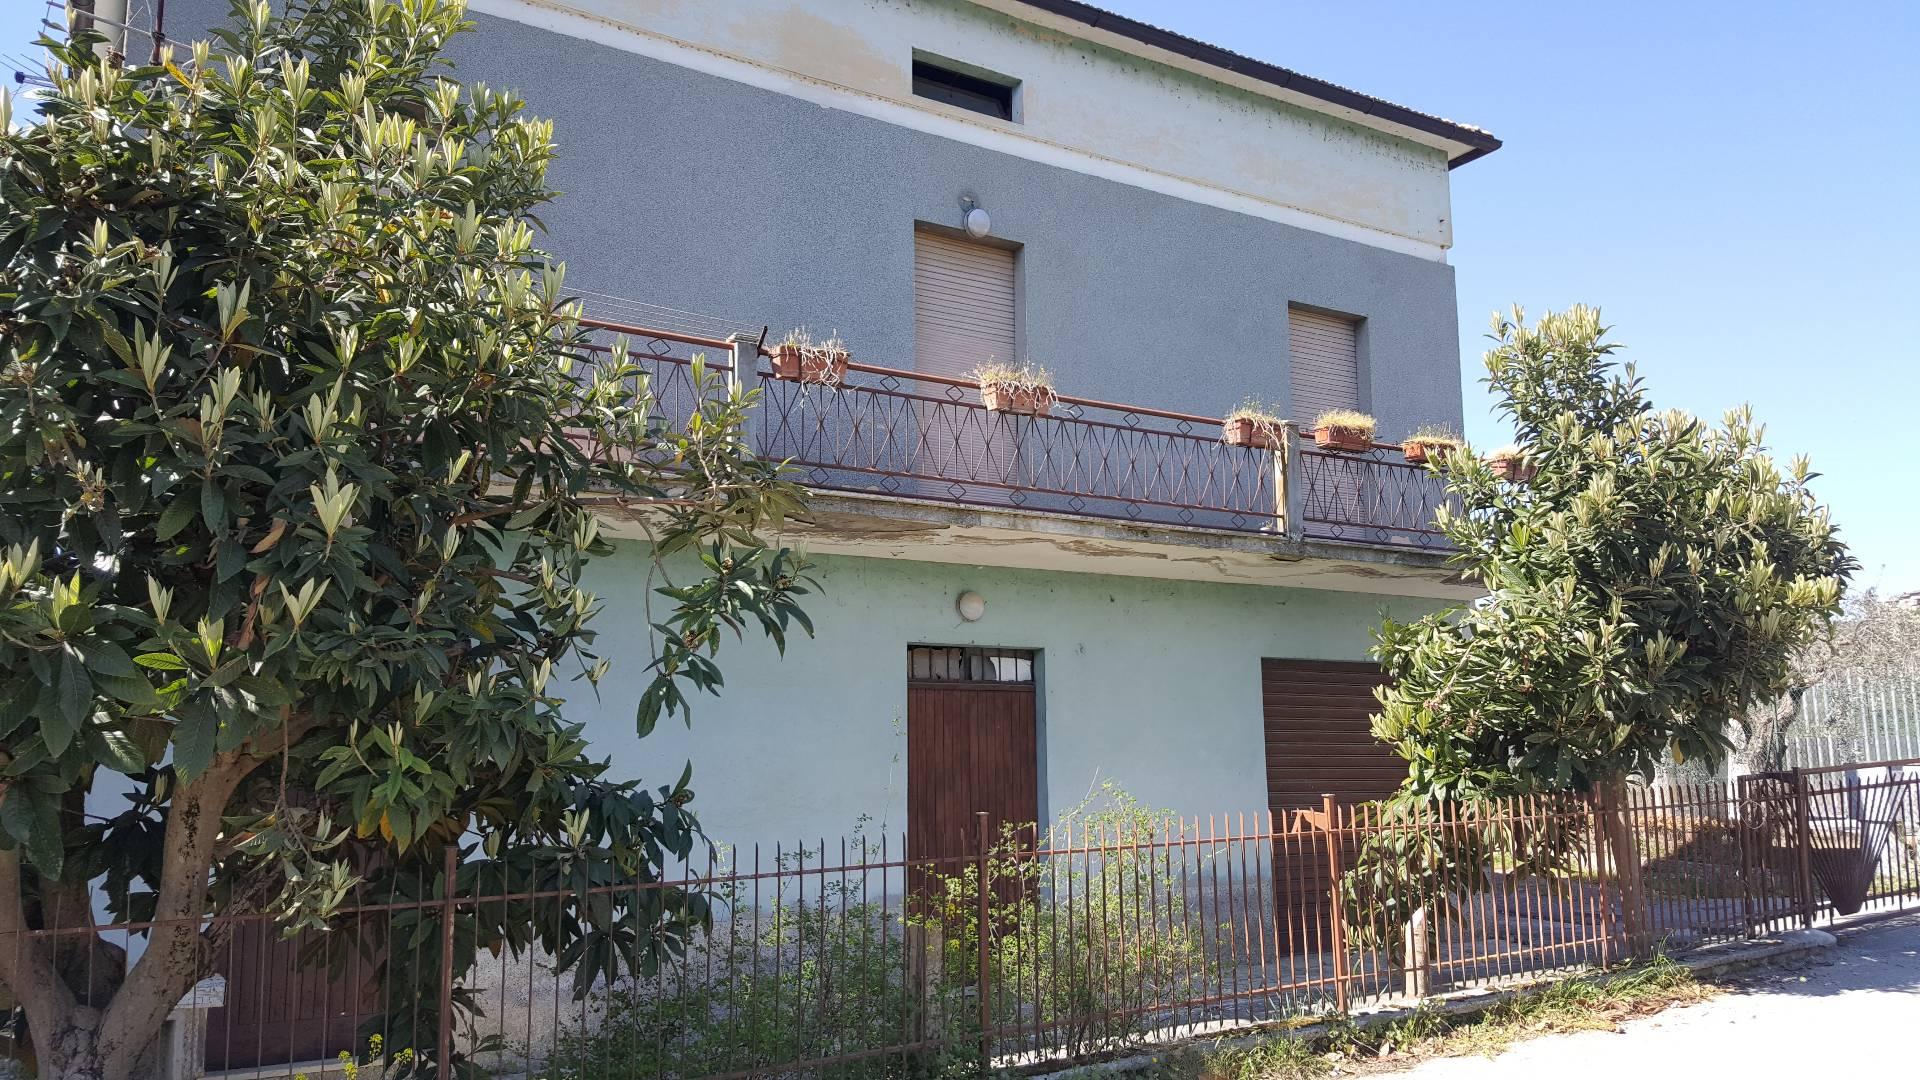 Appartamento in vendita a Ascoli Piceno, 6 locali, zona Località: ValleFiorana, prezzo € 100.000 | CambioCasa.it